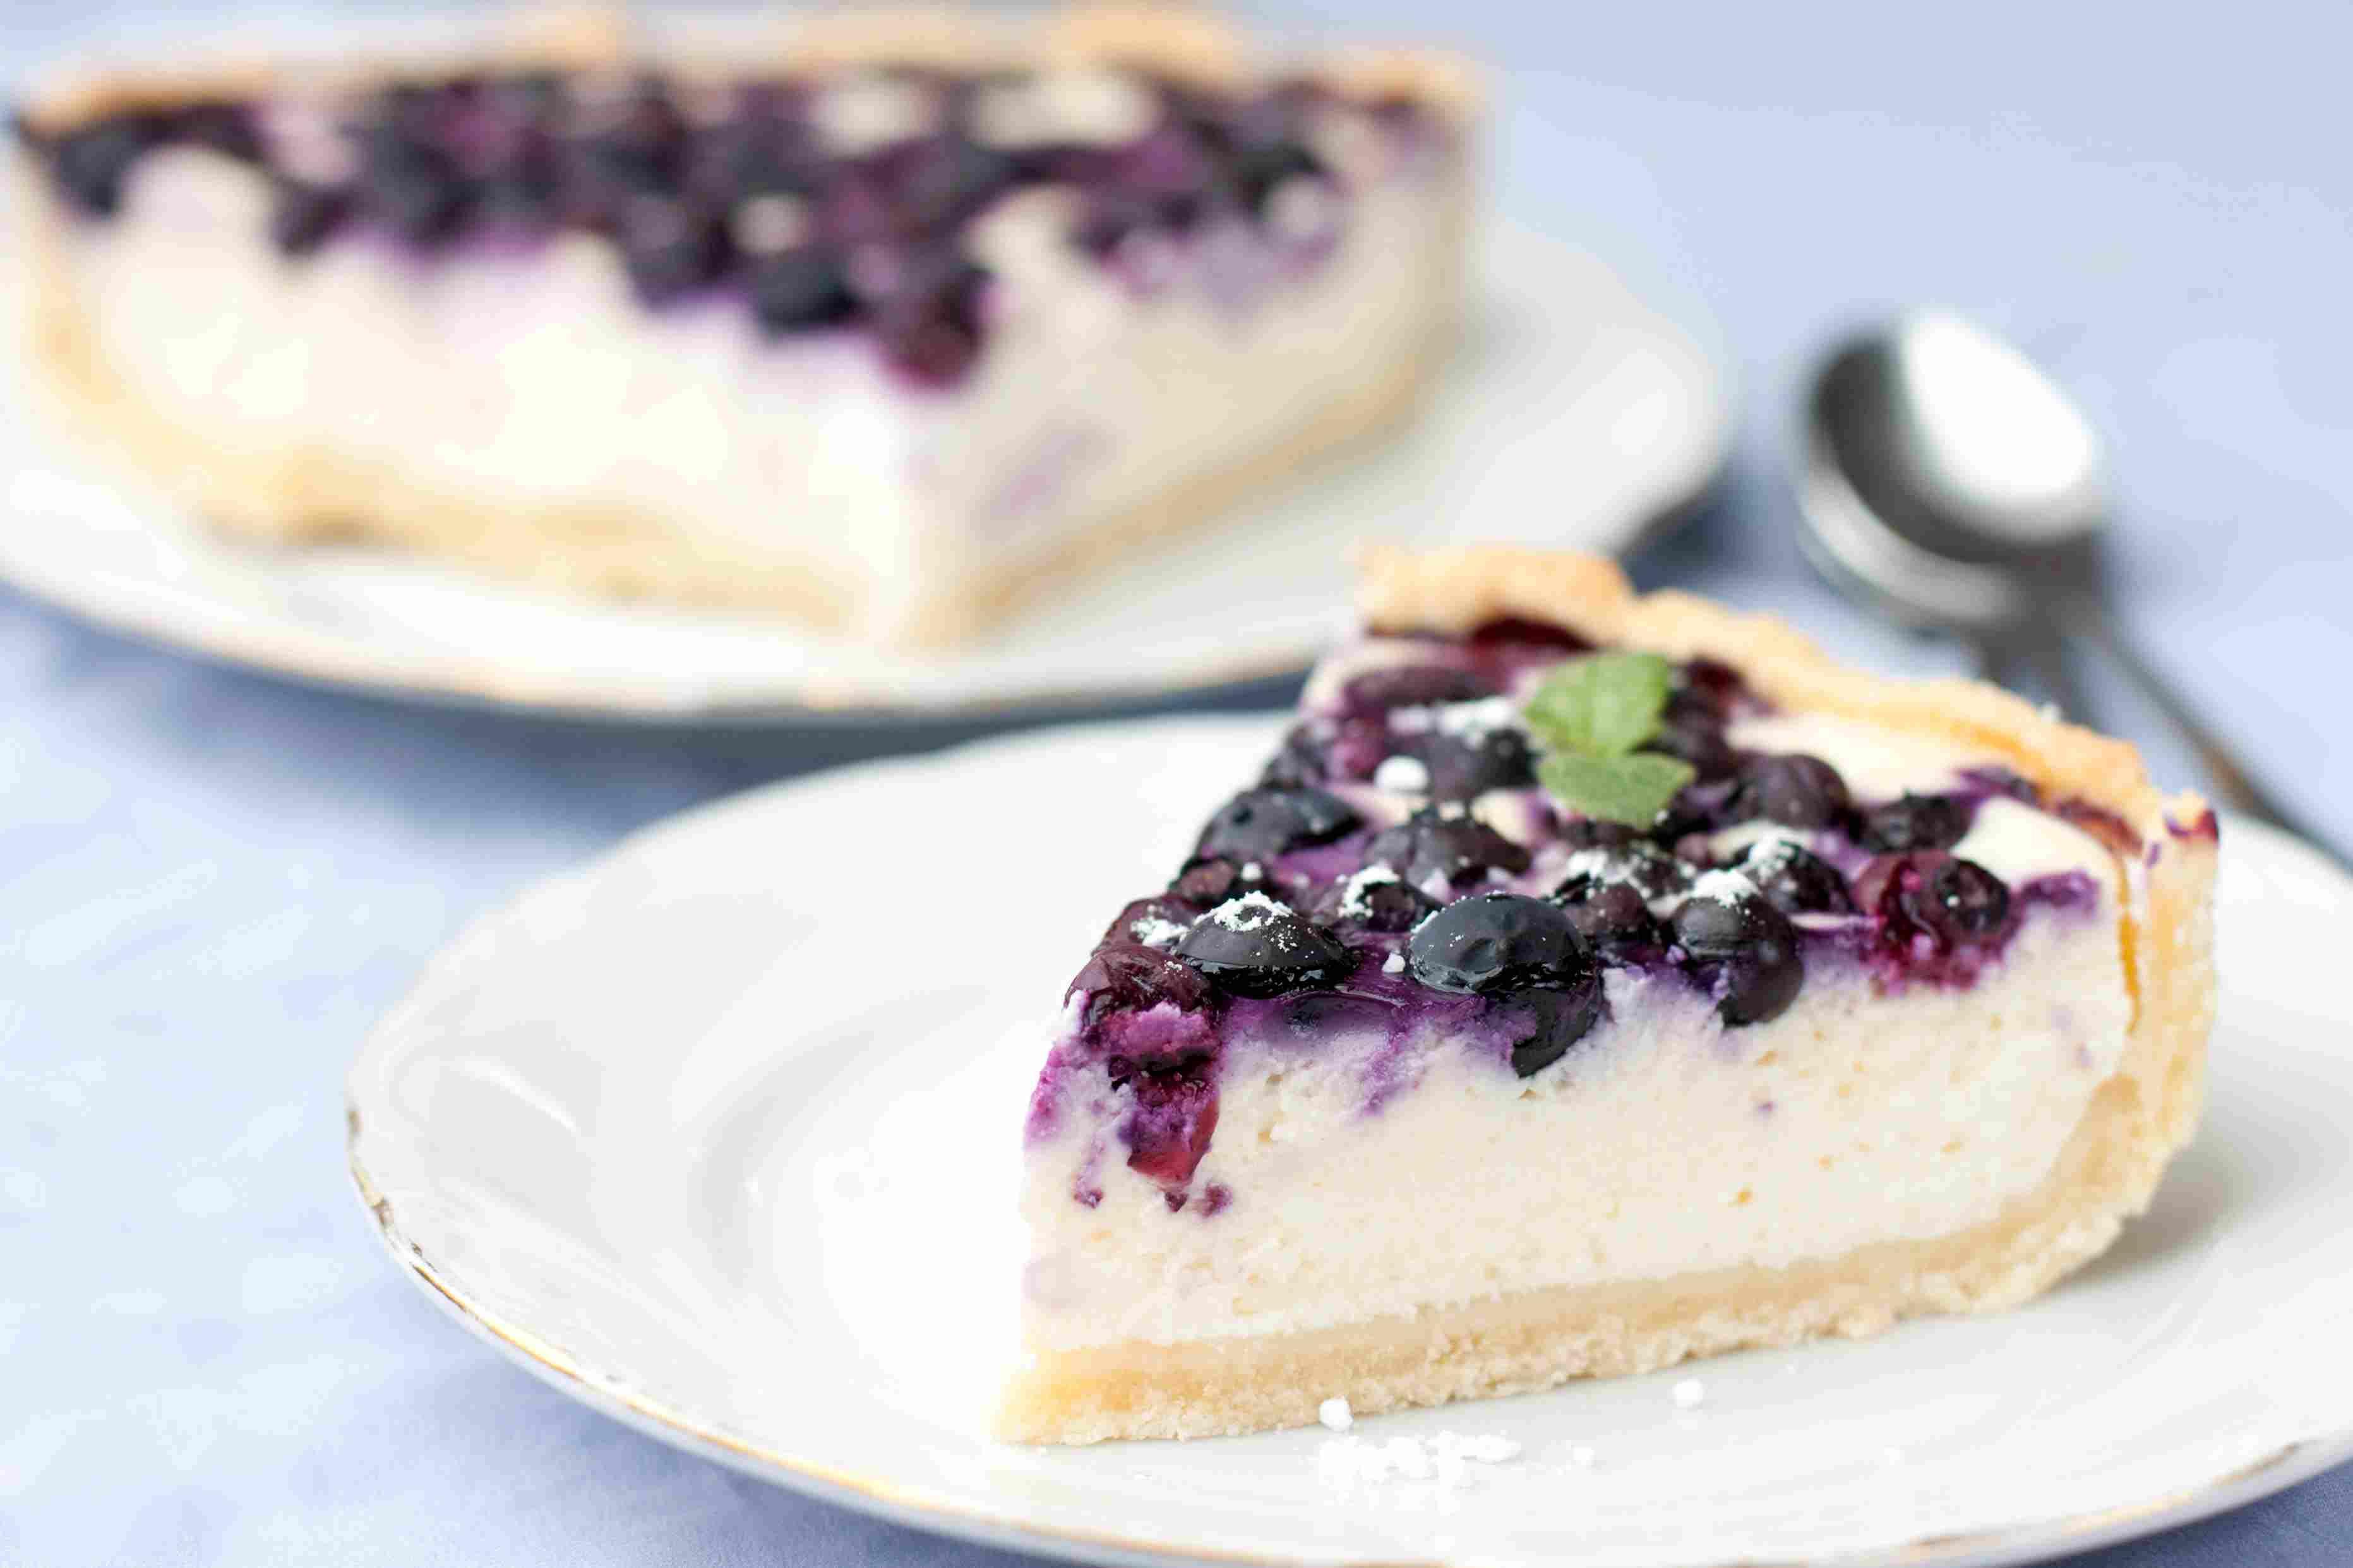 foto da receita Cheesecake com geleia de uva